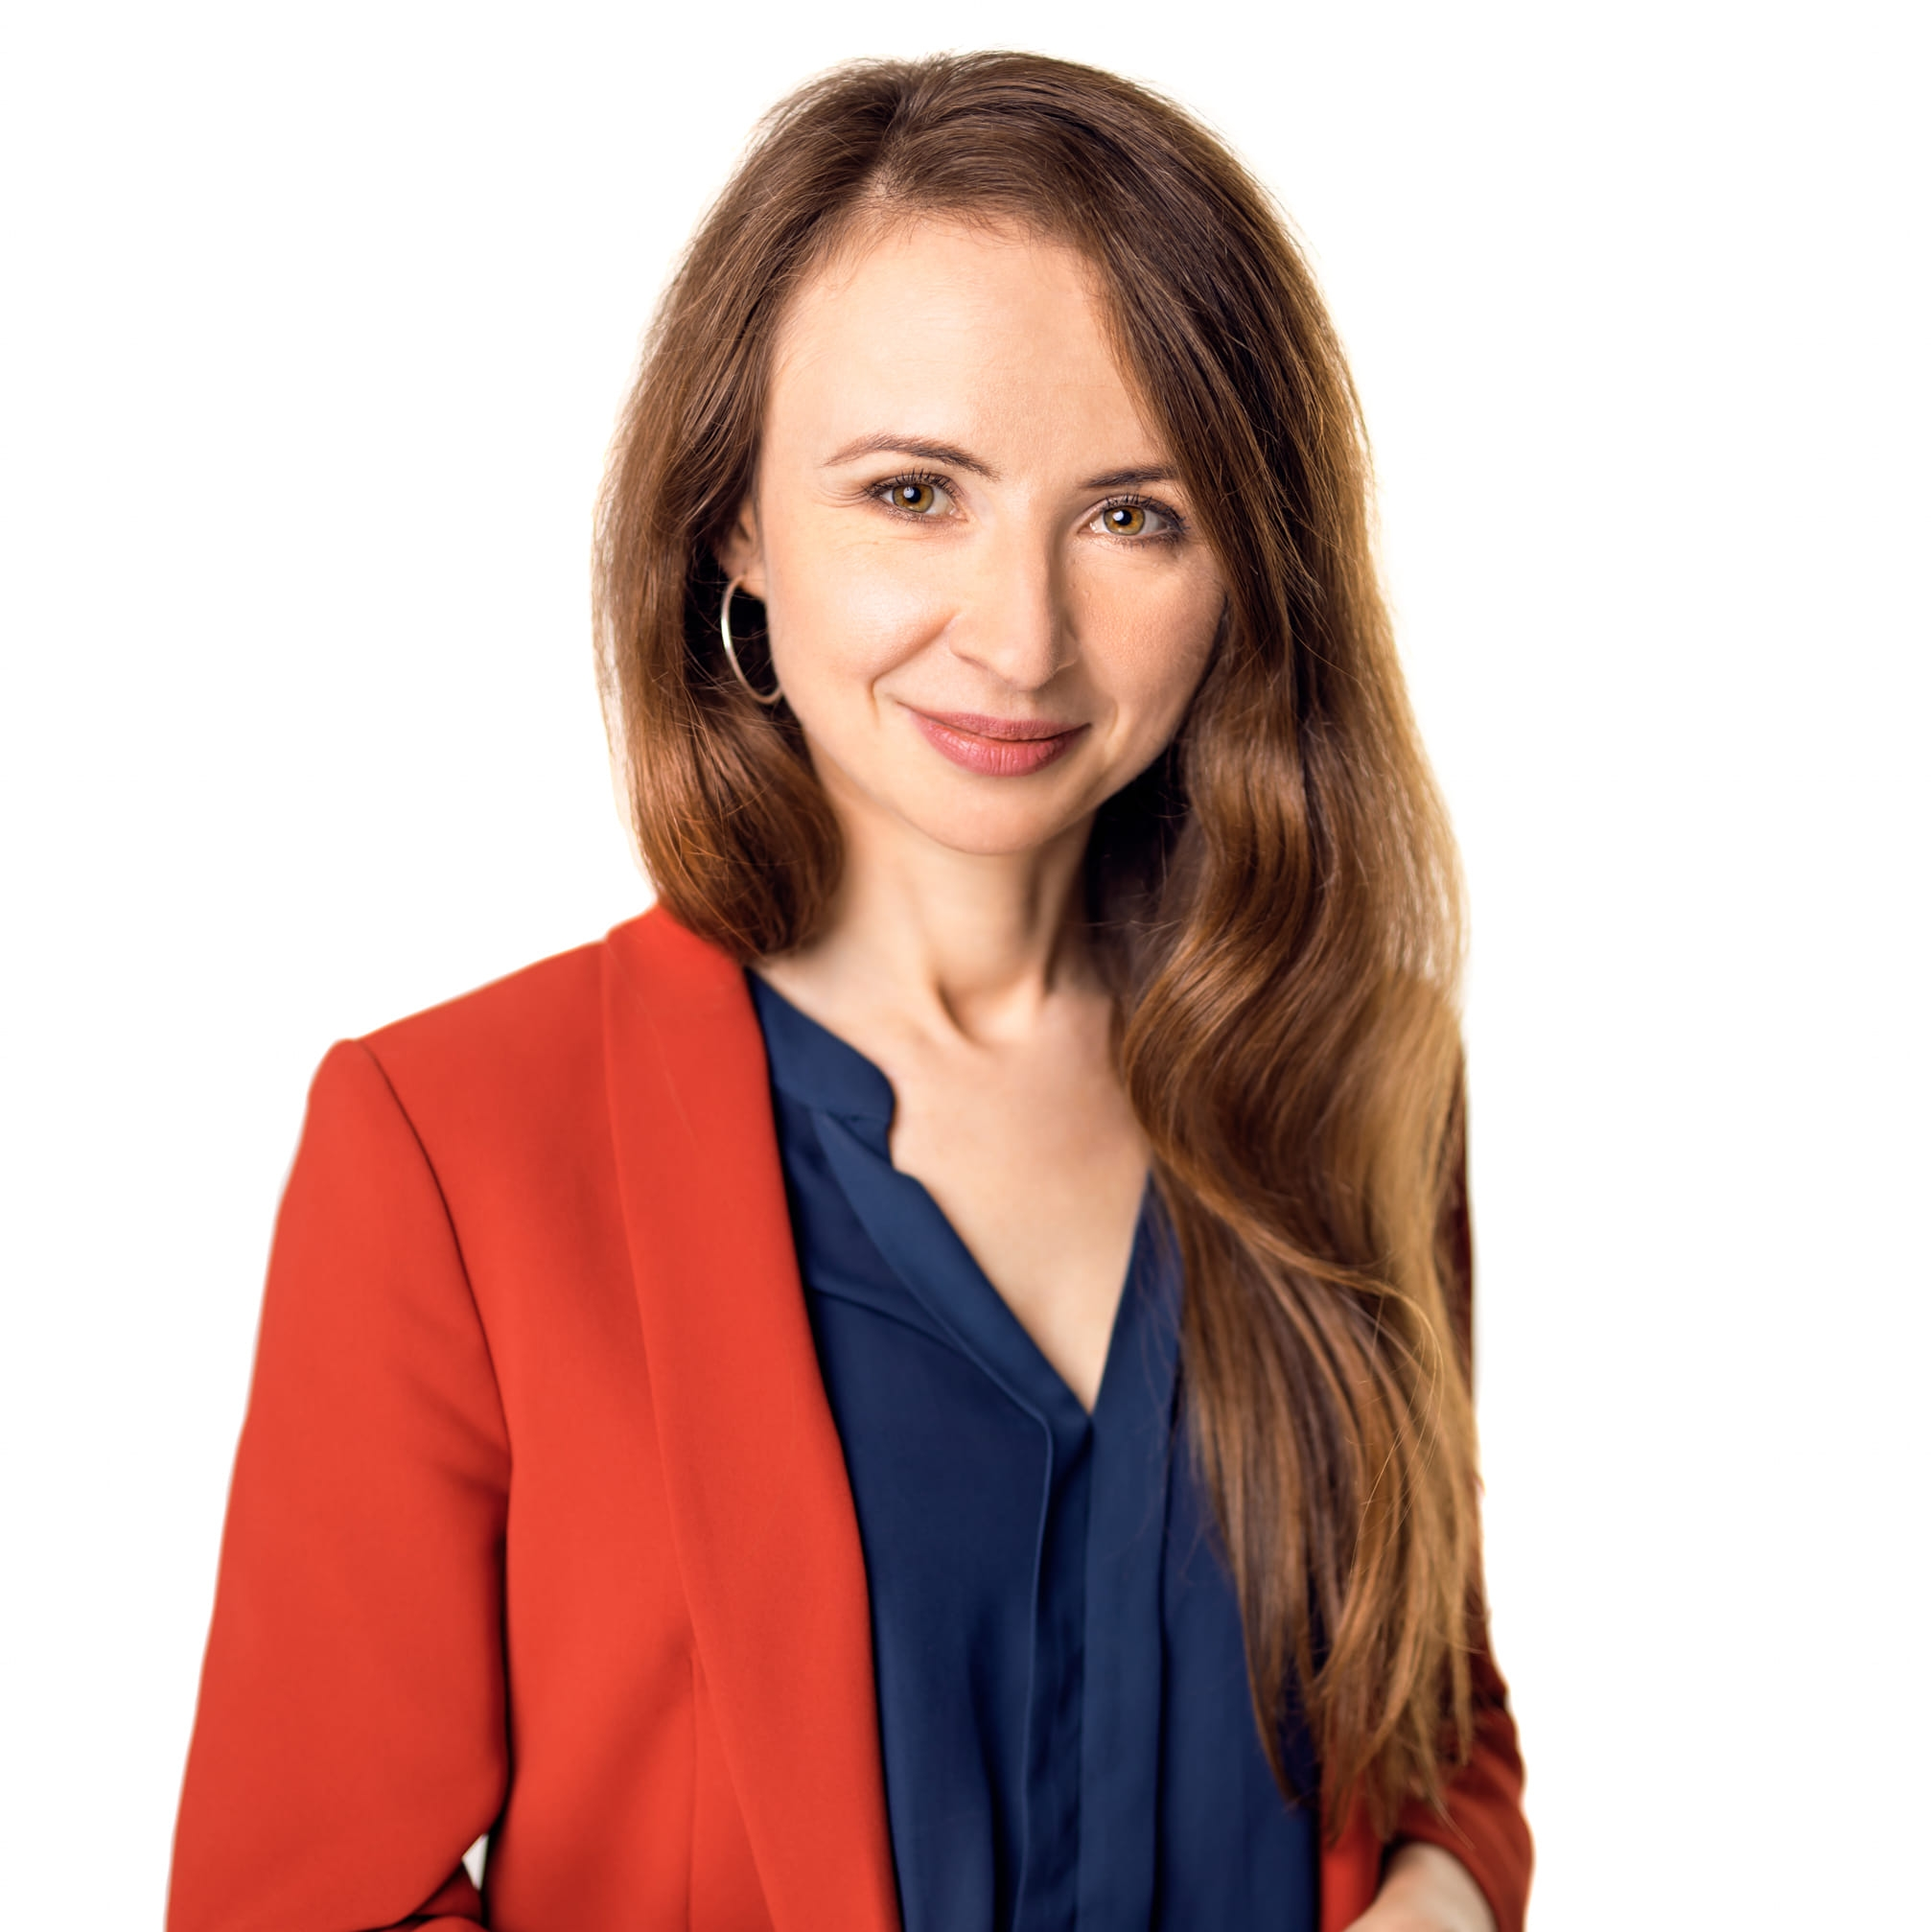 Agnieszka Dziemanowicz-Bąk